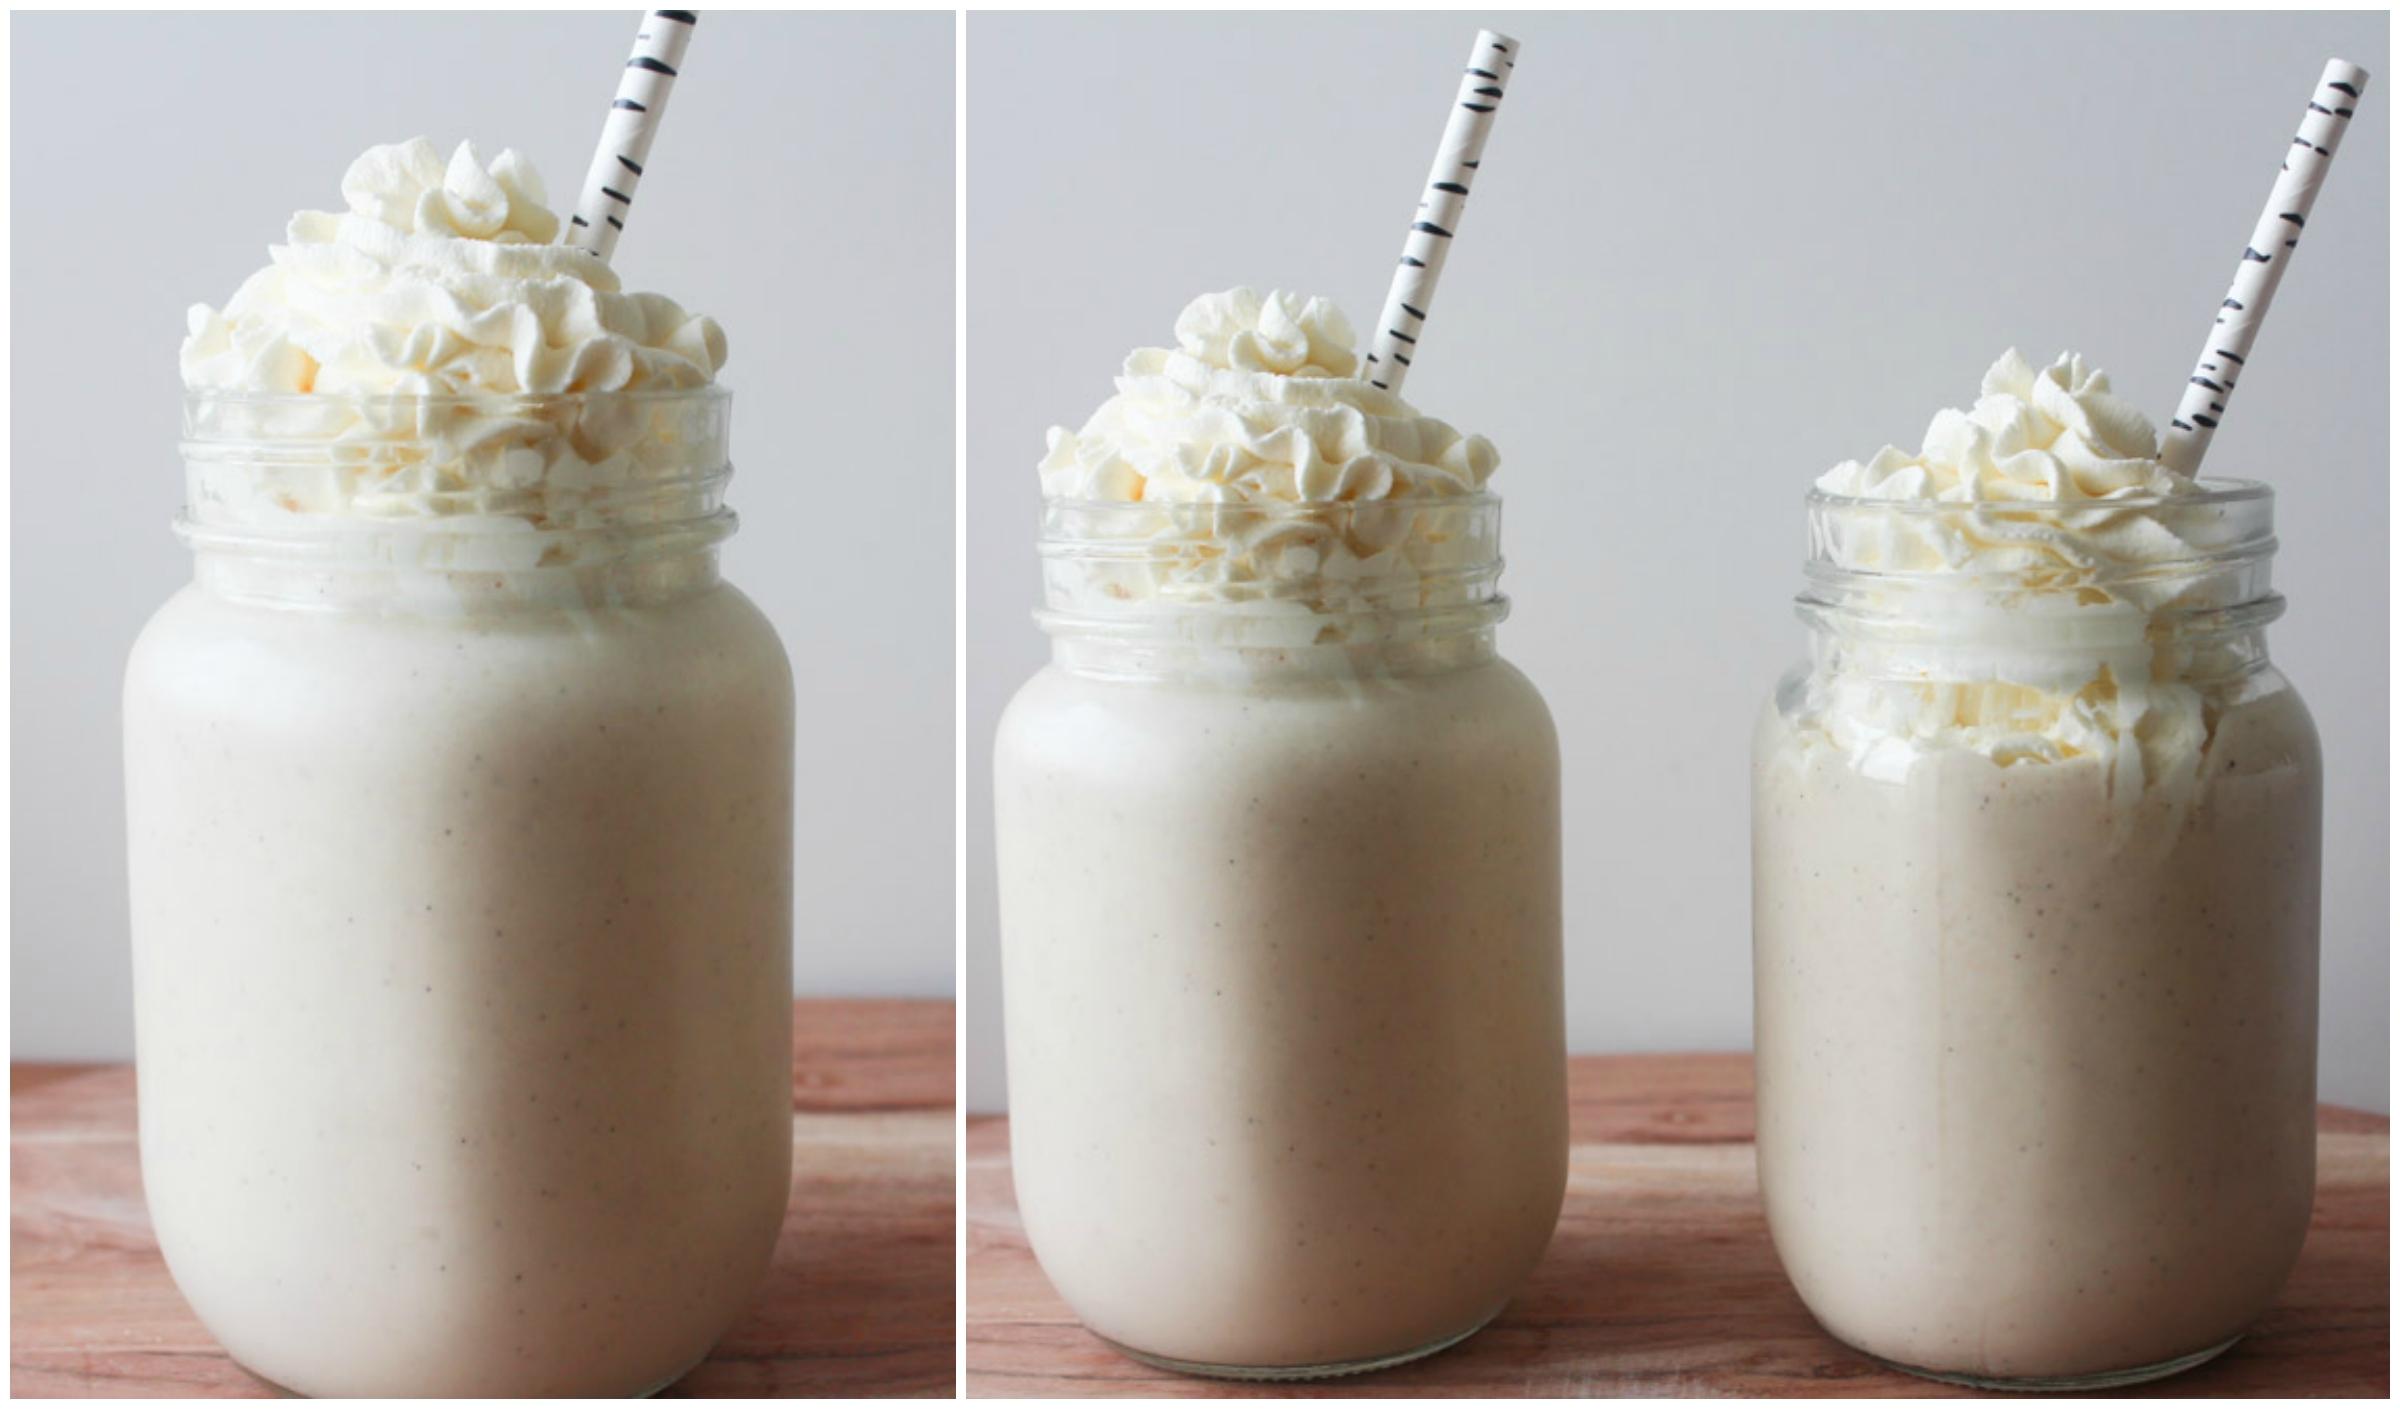 Golden Oreo Milkshakes